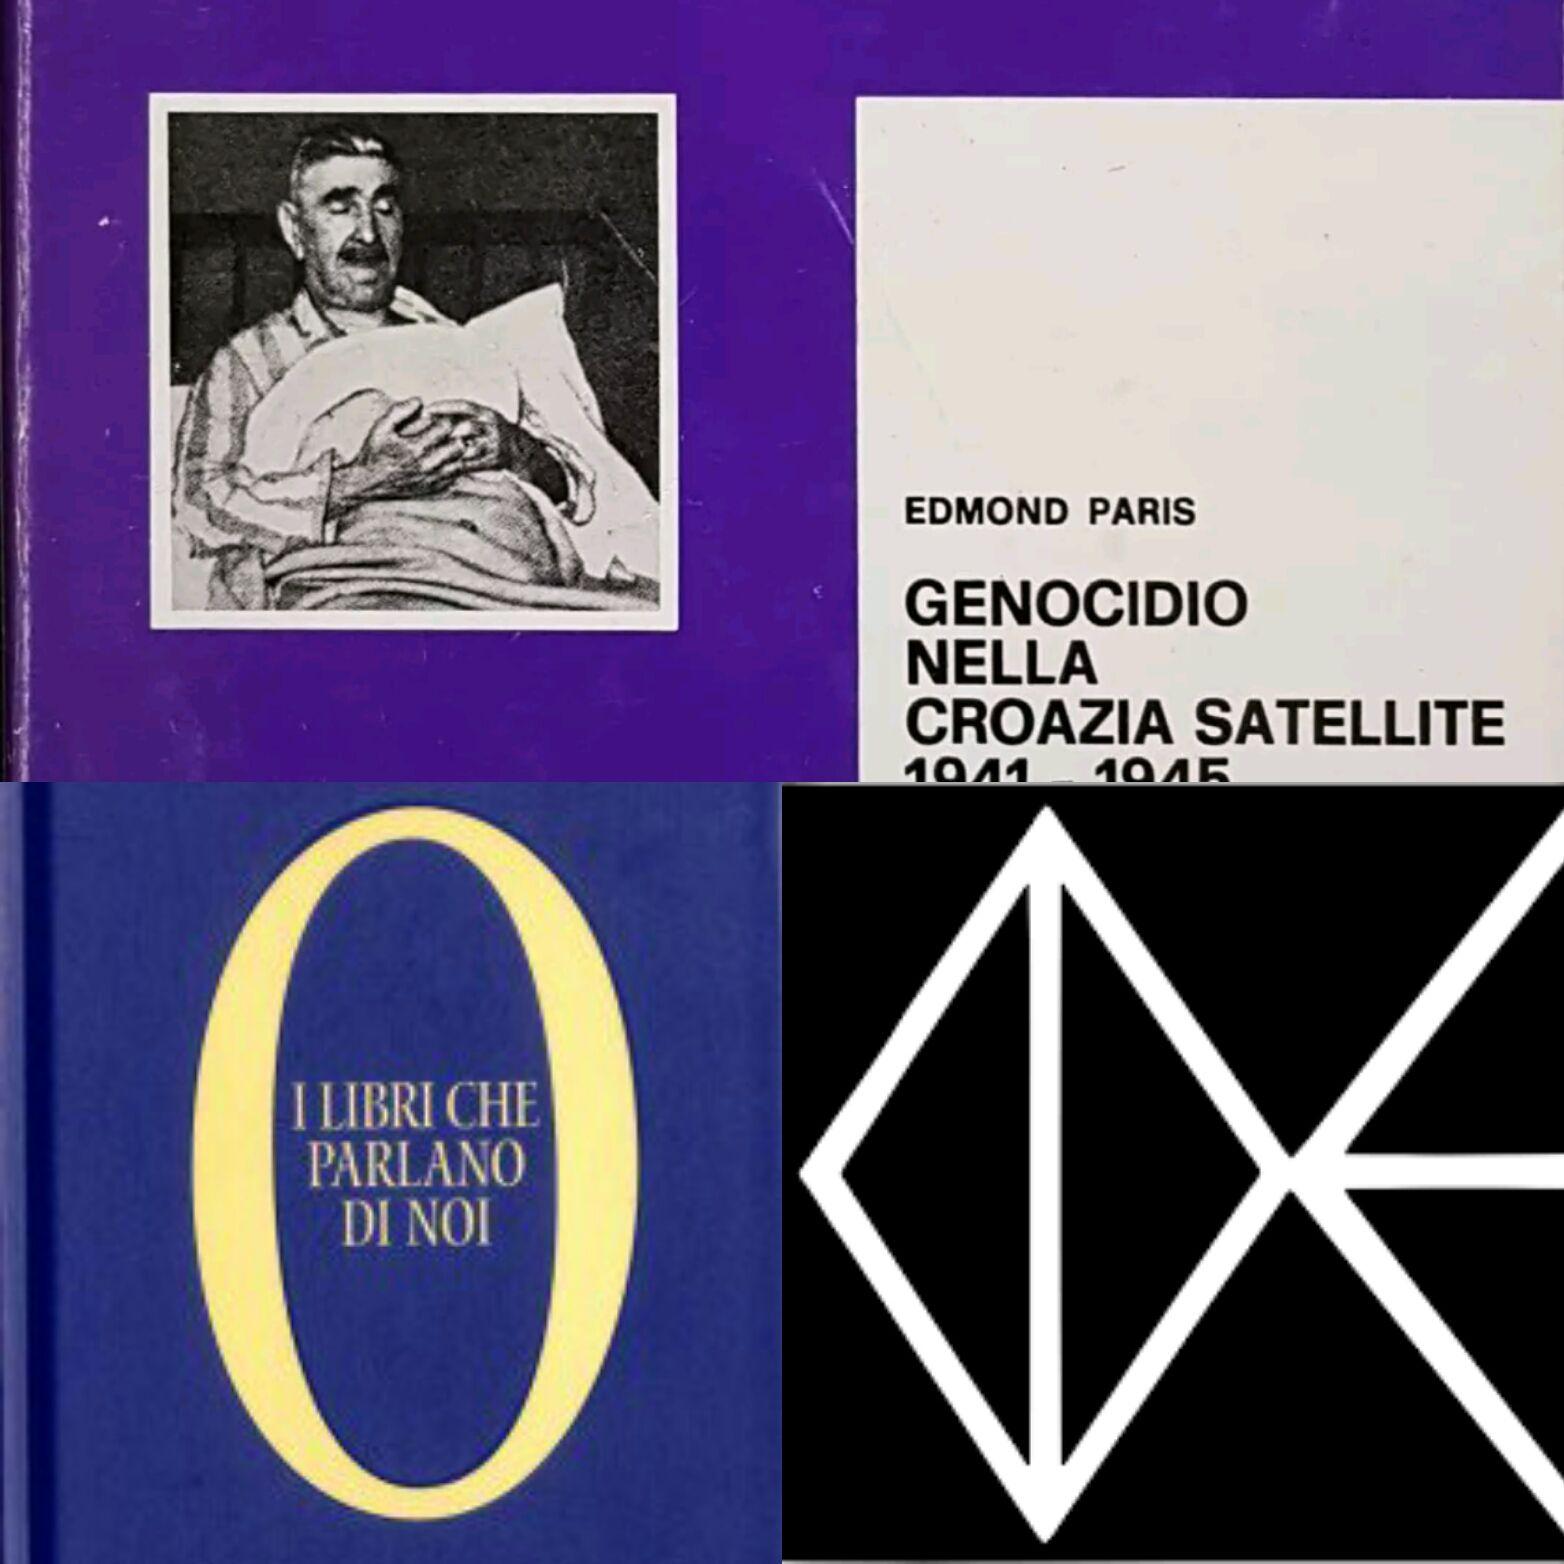 """I libri del """"Club degli Editori"""" non sono importanti per il collezionista. E chi lo dice?"""